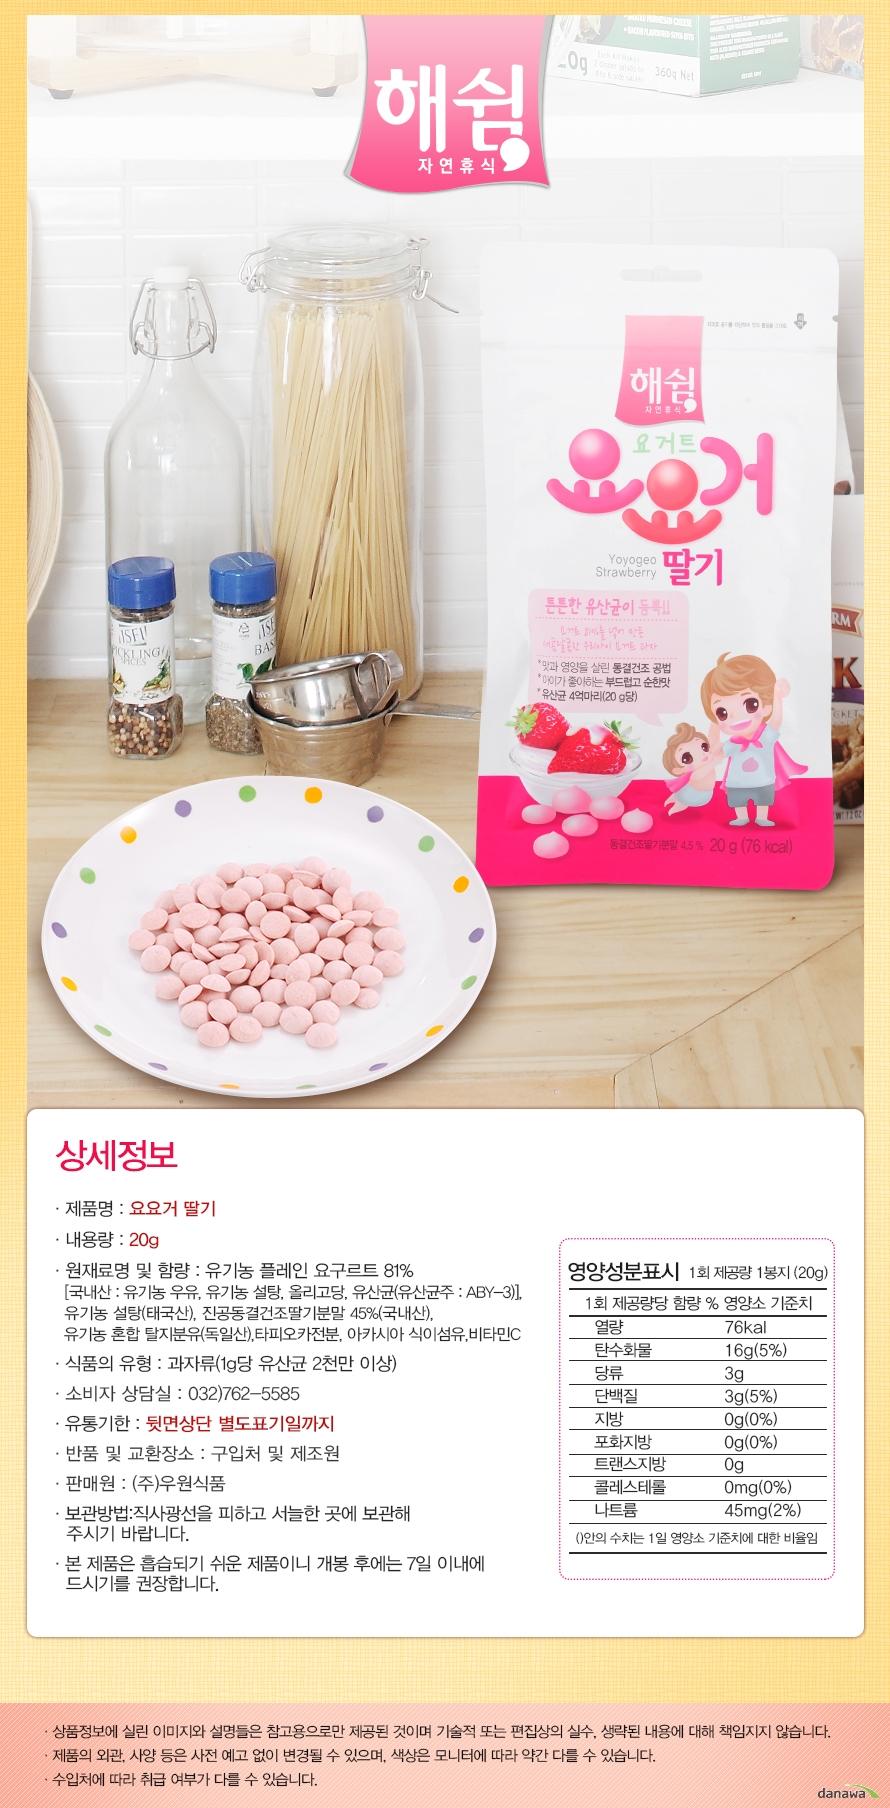 해쉼 요요거 딸기 영양성분 및 상세정보